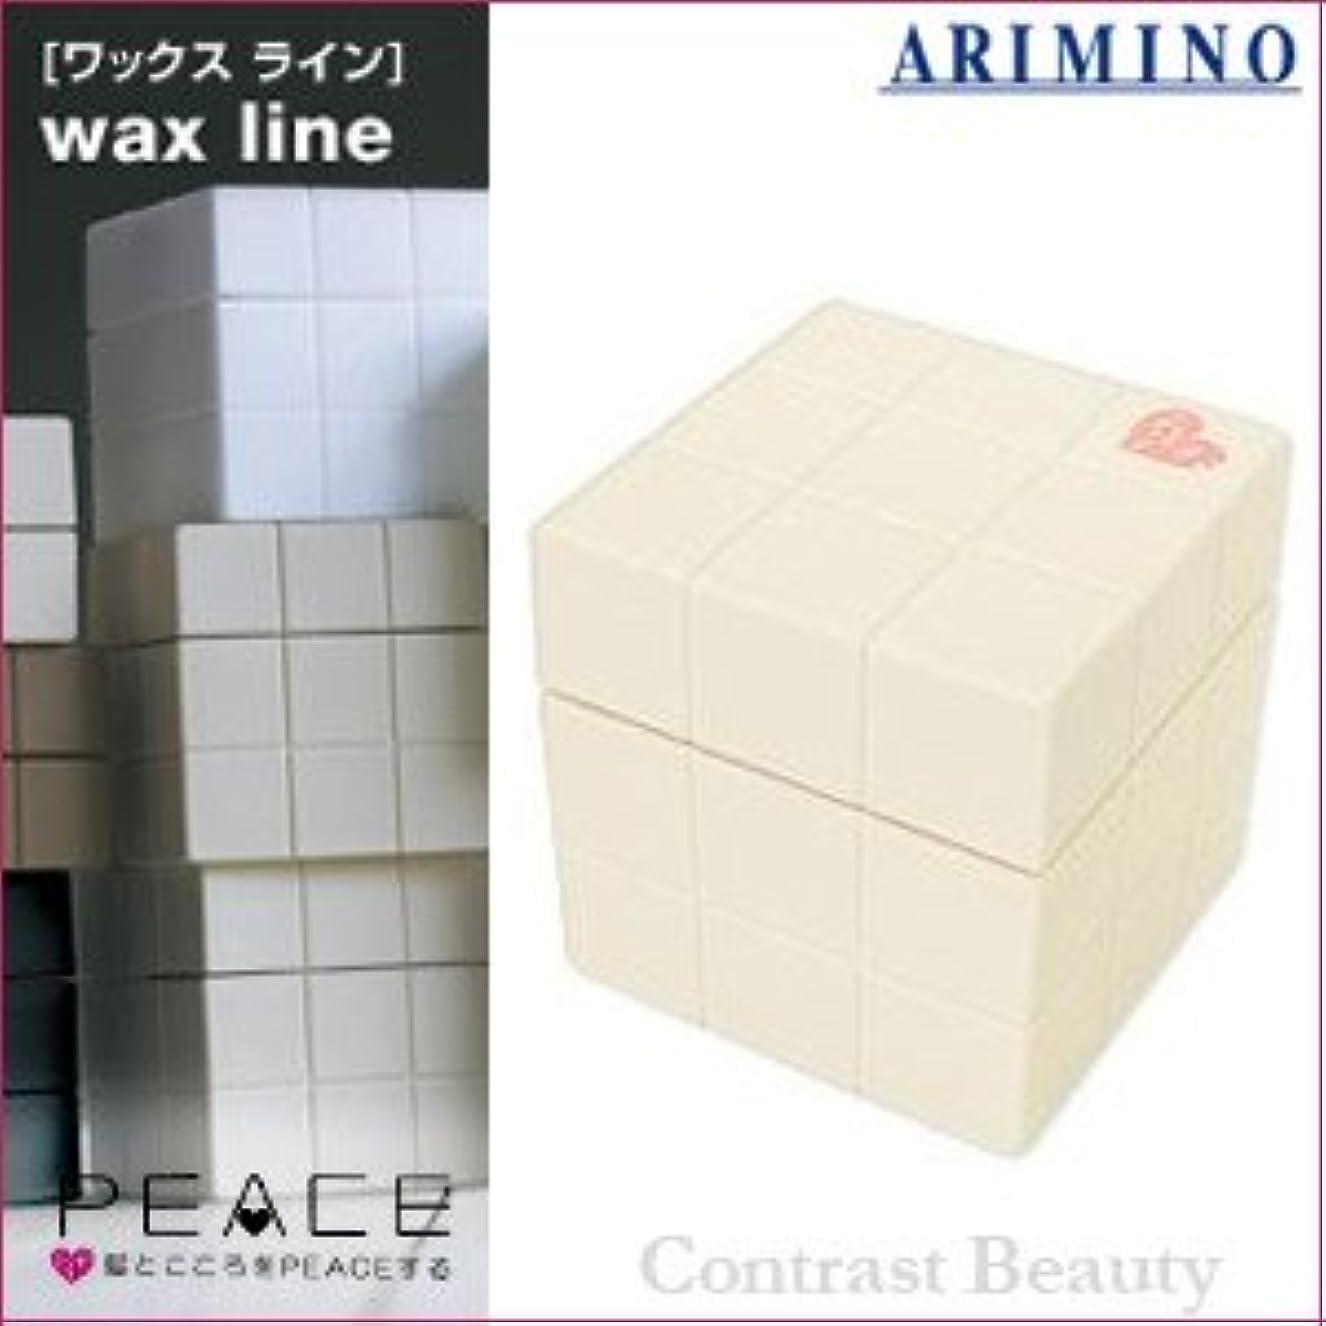 【x3個セット】 アリミノ ピース プロデザインシリーズ ニュアンスワックス バニラ 80g